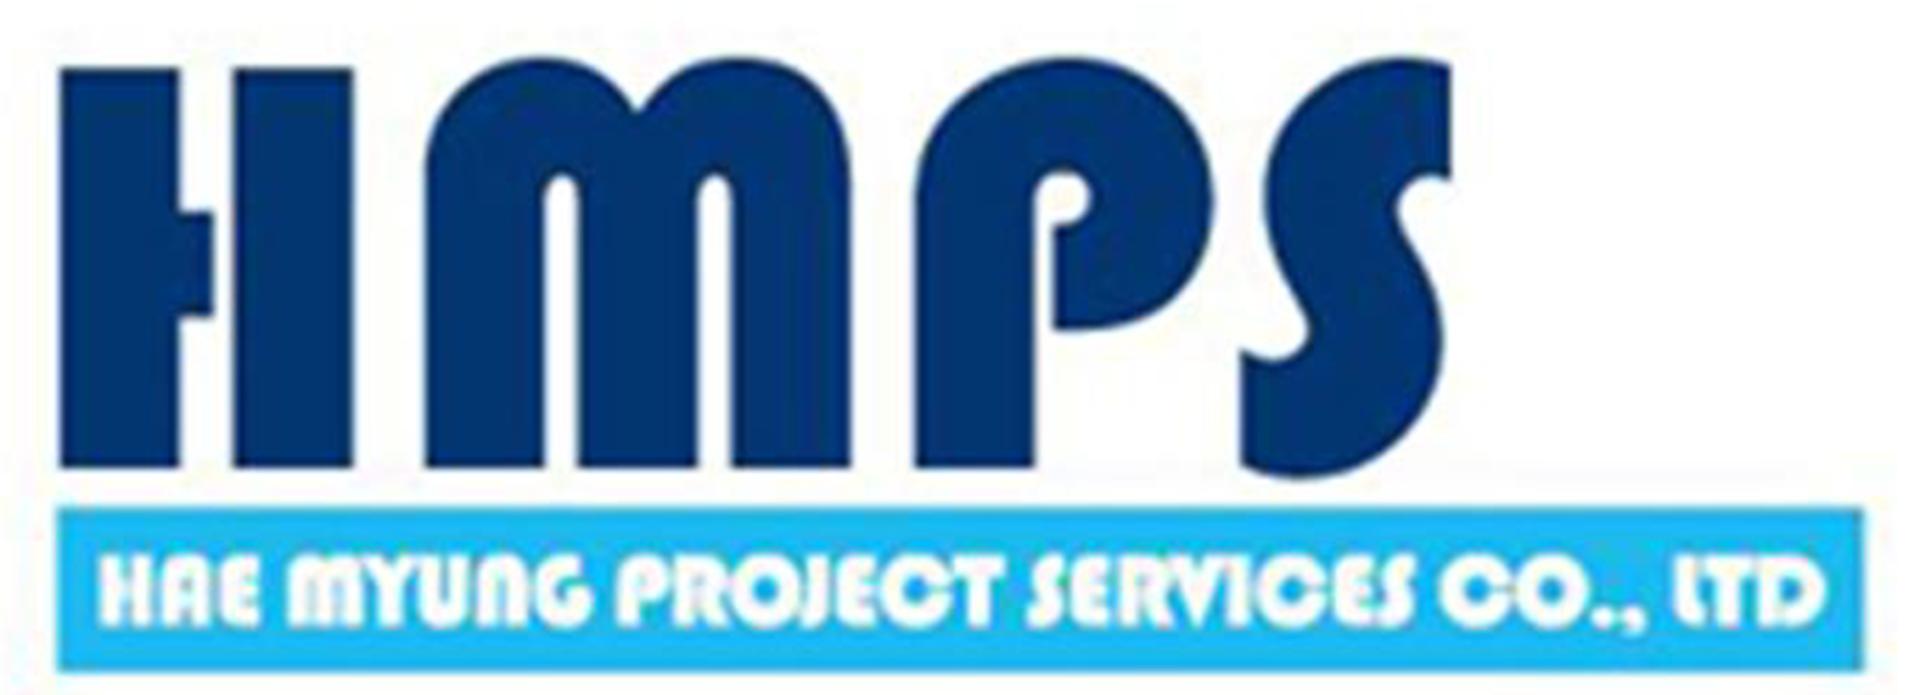 HMPS Korea (Hae Myung Project Services Co Ltd)